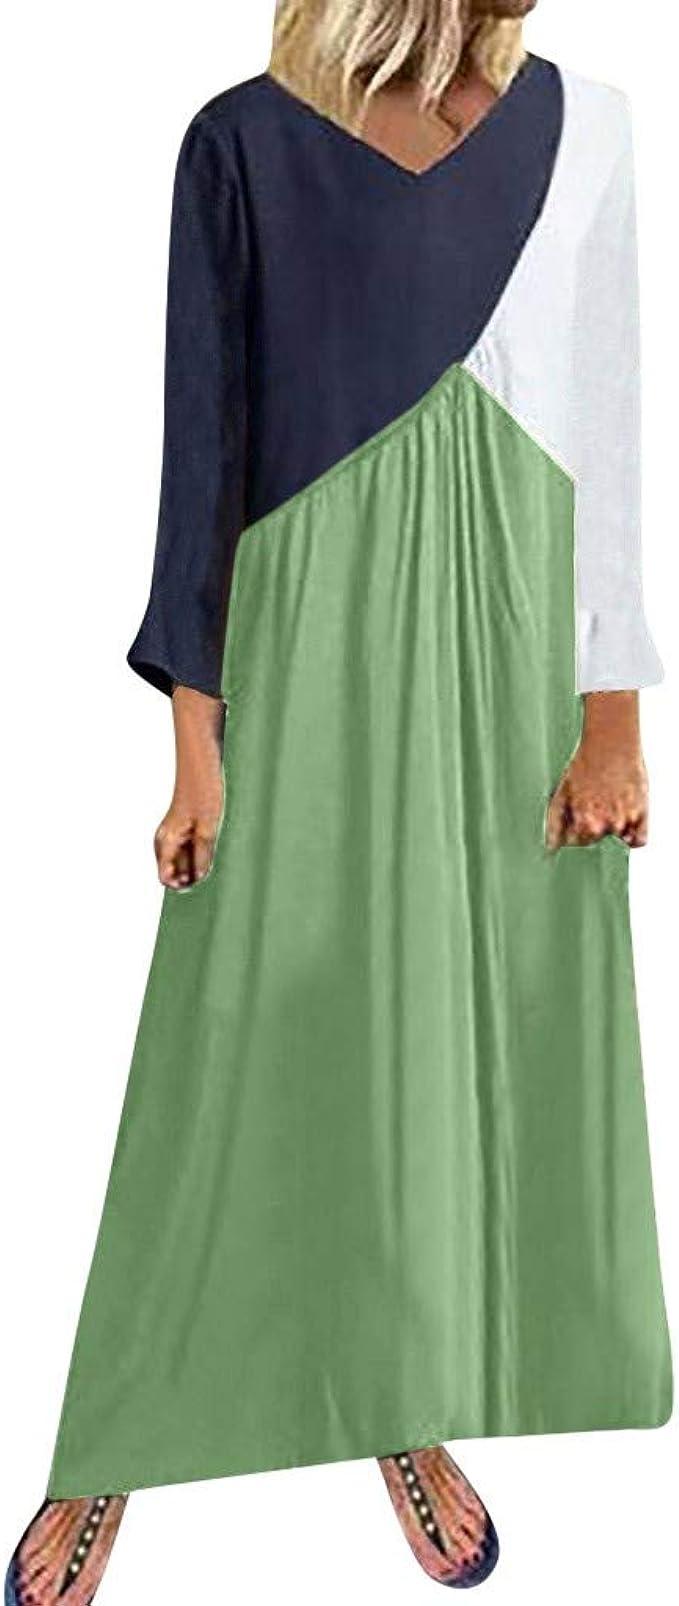 sempre più piuma scopo  ITISME Abiti Lunghi Manica Lunga Cotone e Lino Vestiti Donna Eleganti  Taglie Forti Vestito Casual Ragazze Moda Sexy Festa Dress Abito Cerimonia:  Amazon.it: Abbigliamento